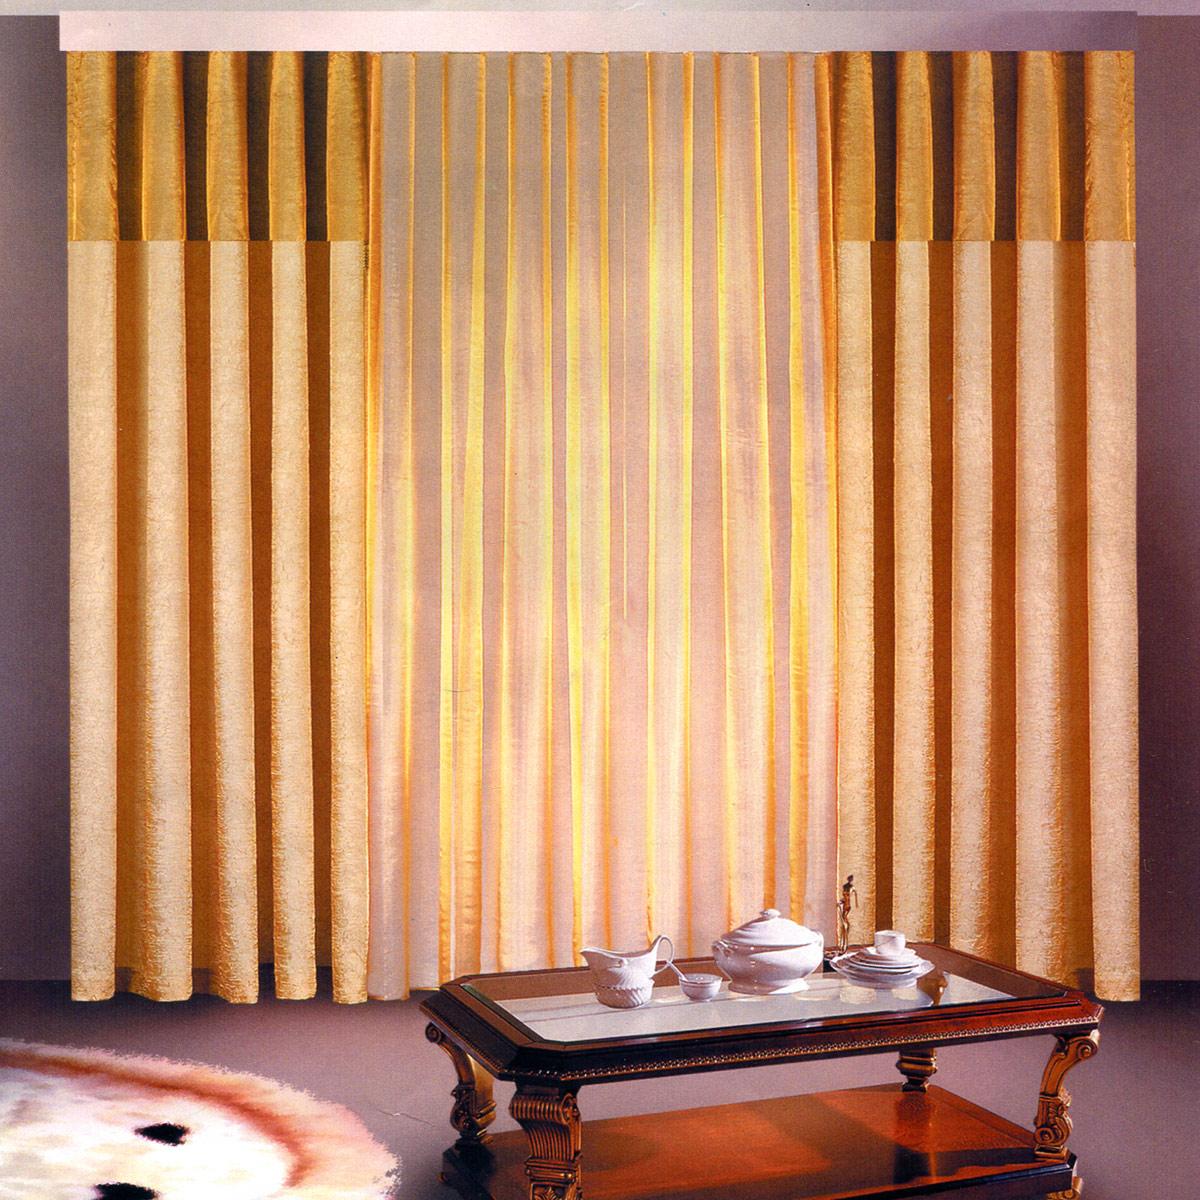 Комплект штор Zlata Korunka, на ленте, цвет: бежевый, шоколадный, высота 250 см. Б097Б097Роскошный комплект штор Zlata Korunka, выполненный из полиэстера, великолепно украсит любое окно. Комплект состоит из двух штор и тюля. Воздушная ткань и приятная, приглушенная гамма привлекут к себе внимание и органично впишутся в интерьер помещения. Этот комплект будет долгое время радовать вас и вашу семью! Шторы крепятся на карниз при помощи ленты, которая поможет красиво и равномерно задрапировать верх. Ширина шторы: 140 +/- 5 см.